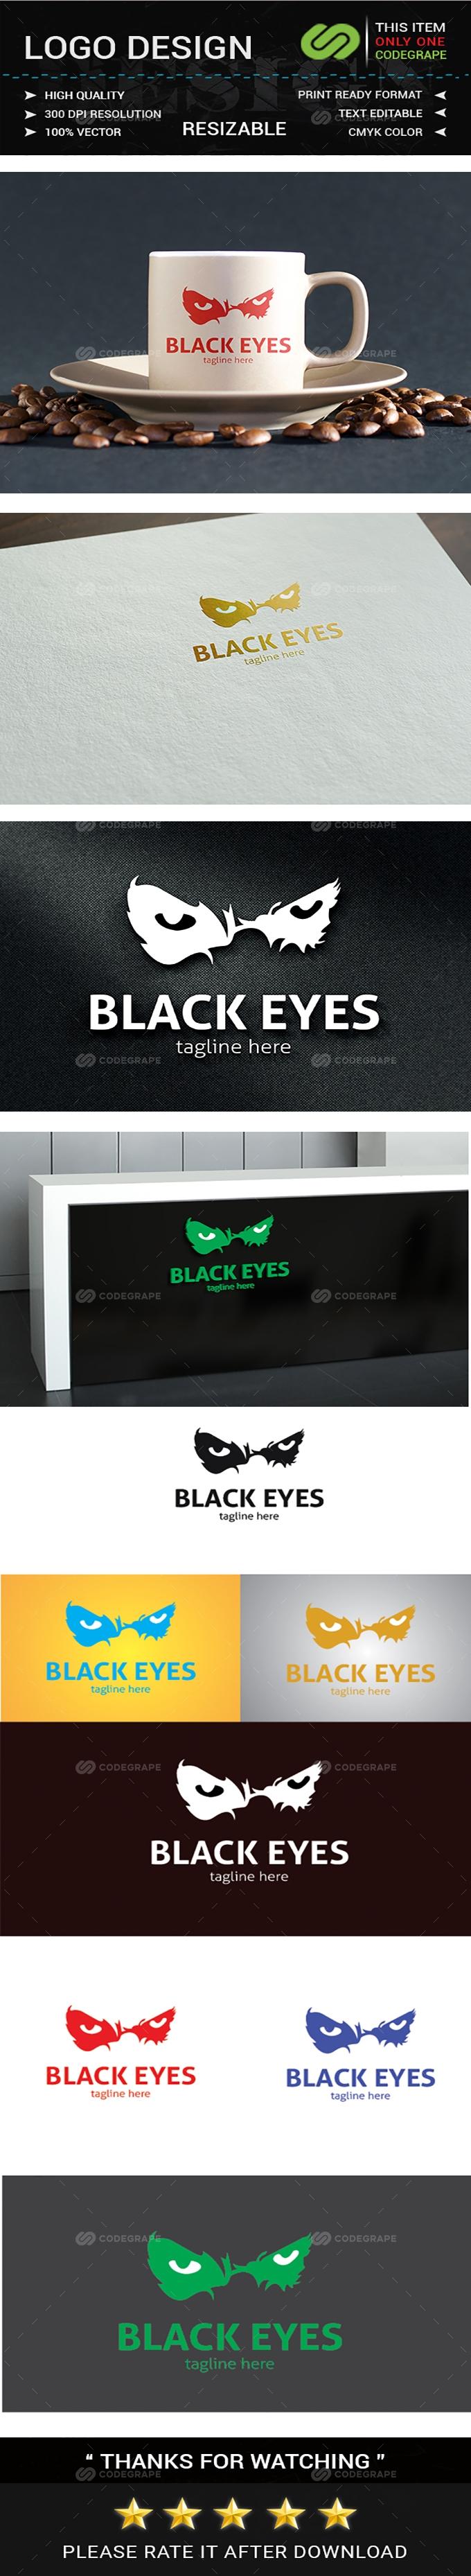 Black Eyes Logos